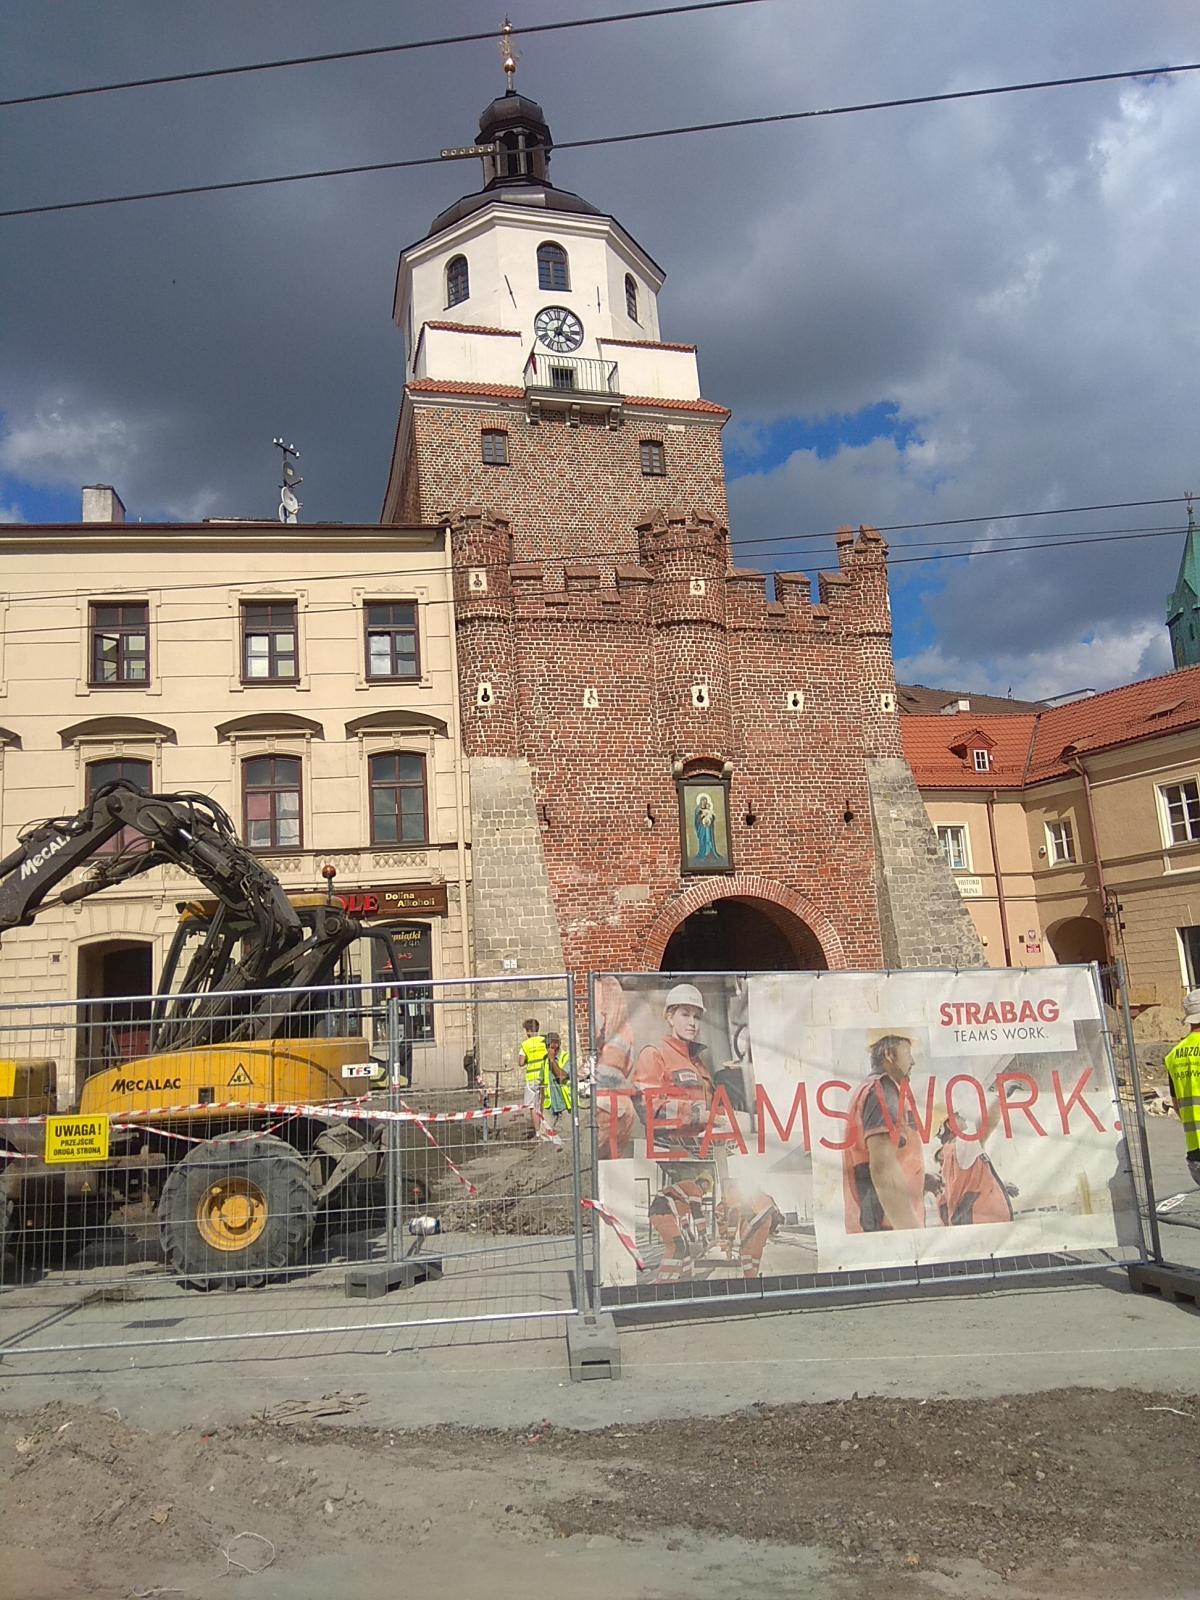 Краковские ворота были построены после татарского нашествия / фото Варвара Вайс